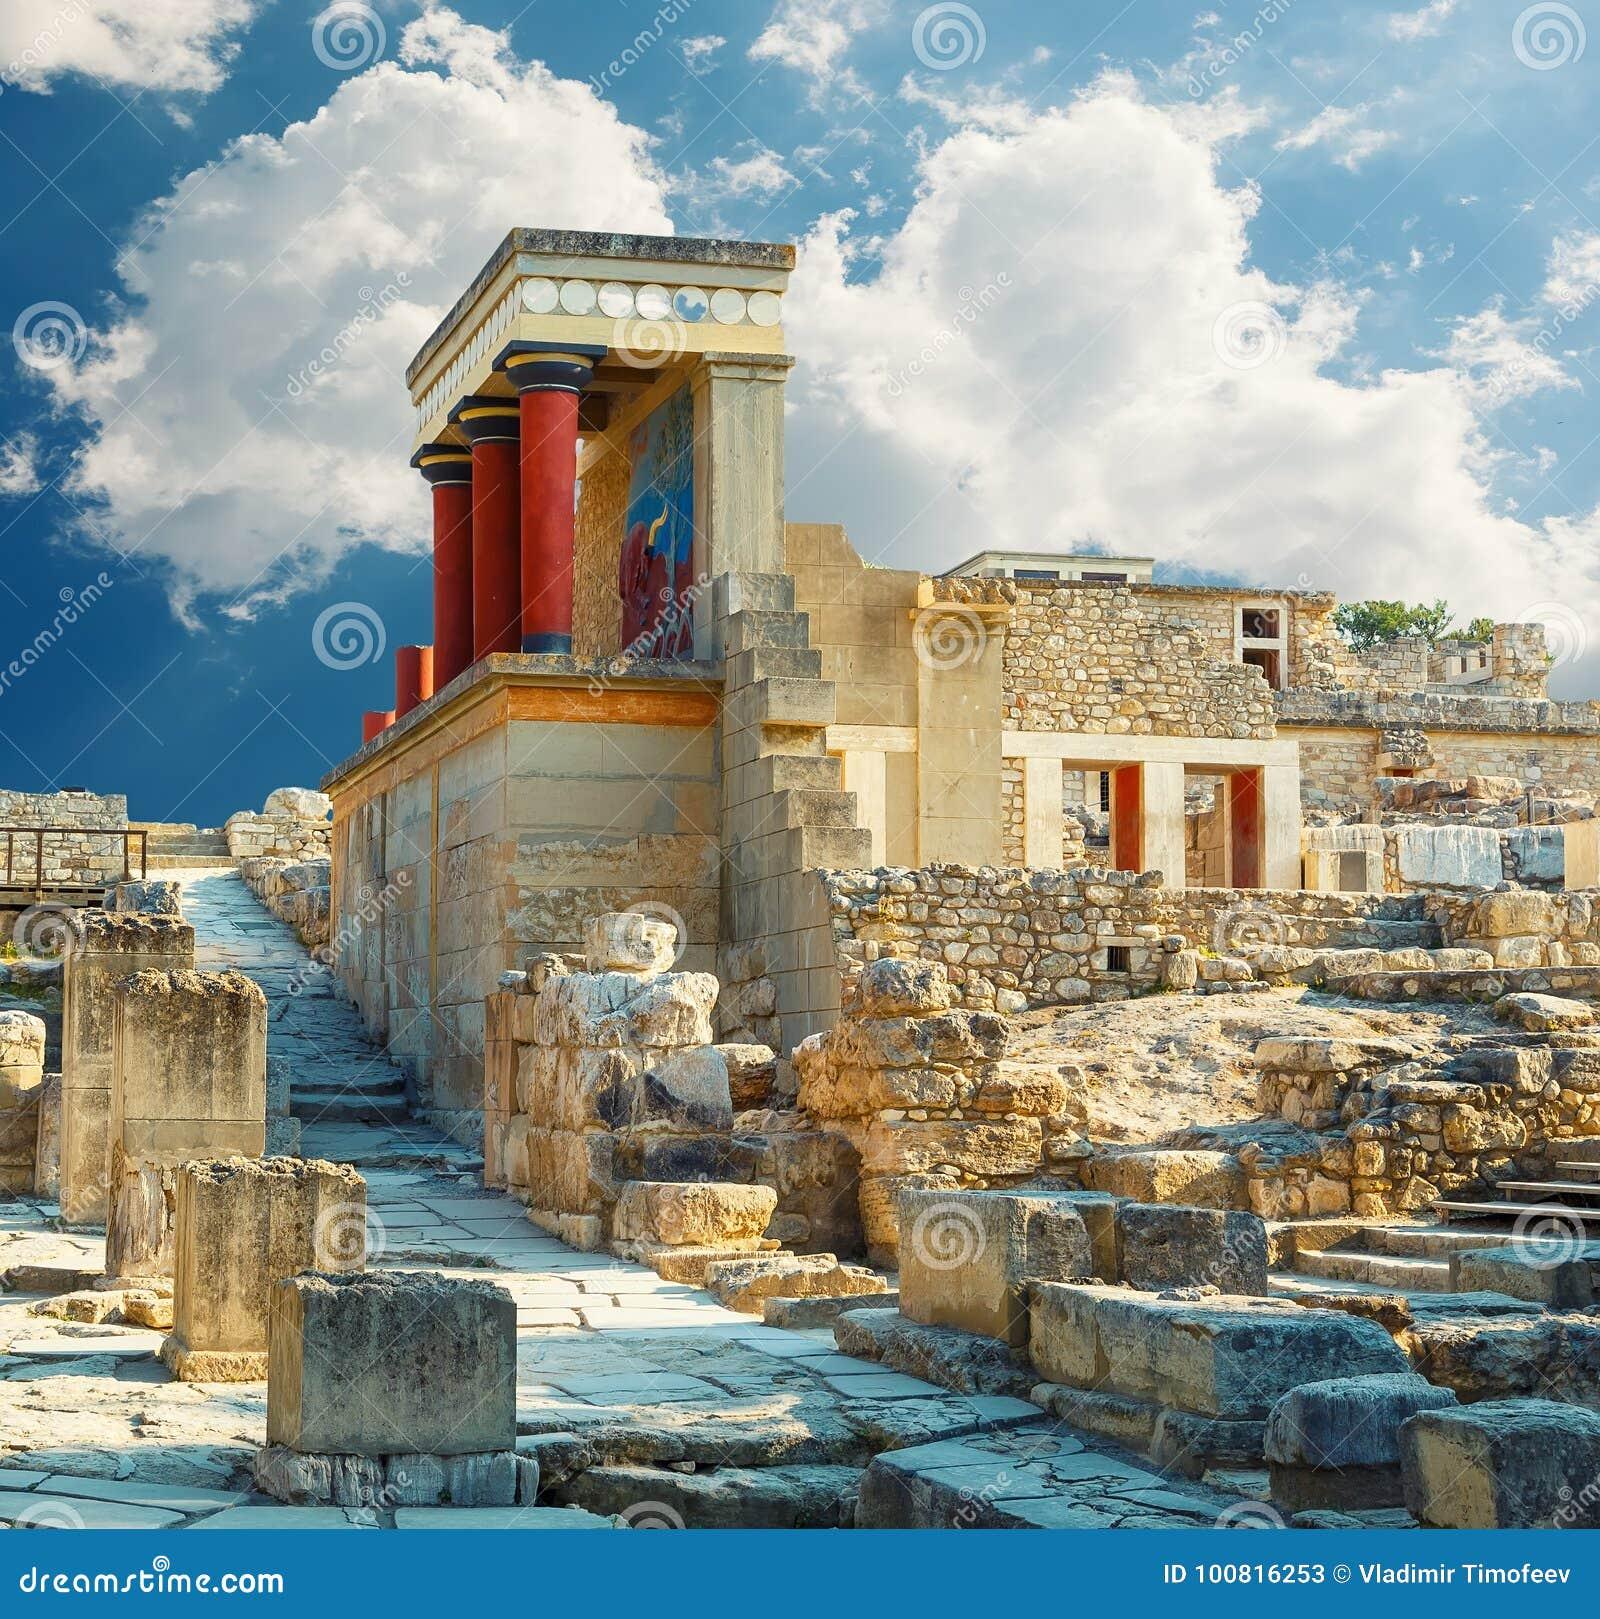 Palacio de Knossos en Creta Ruinas del palacio de Knossos Heraklión, Crete, Grecia Detalle de ruinas antiguas del palacio famoso